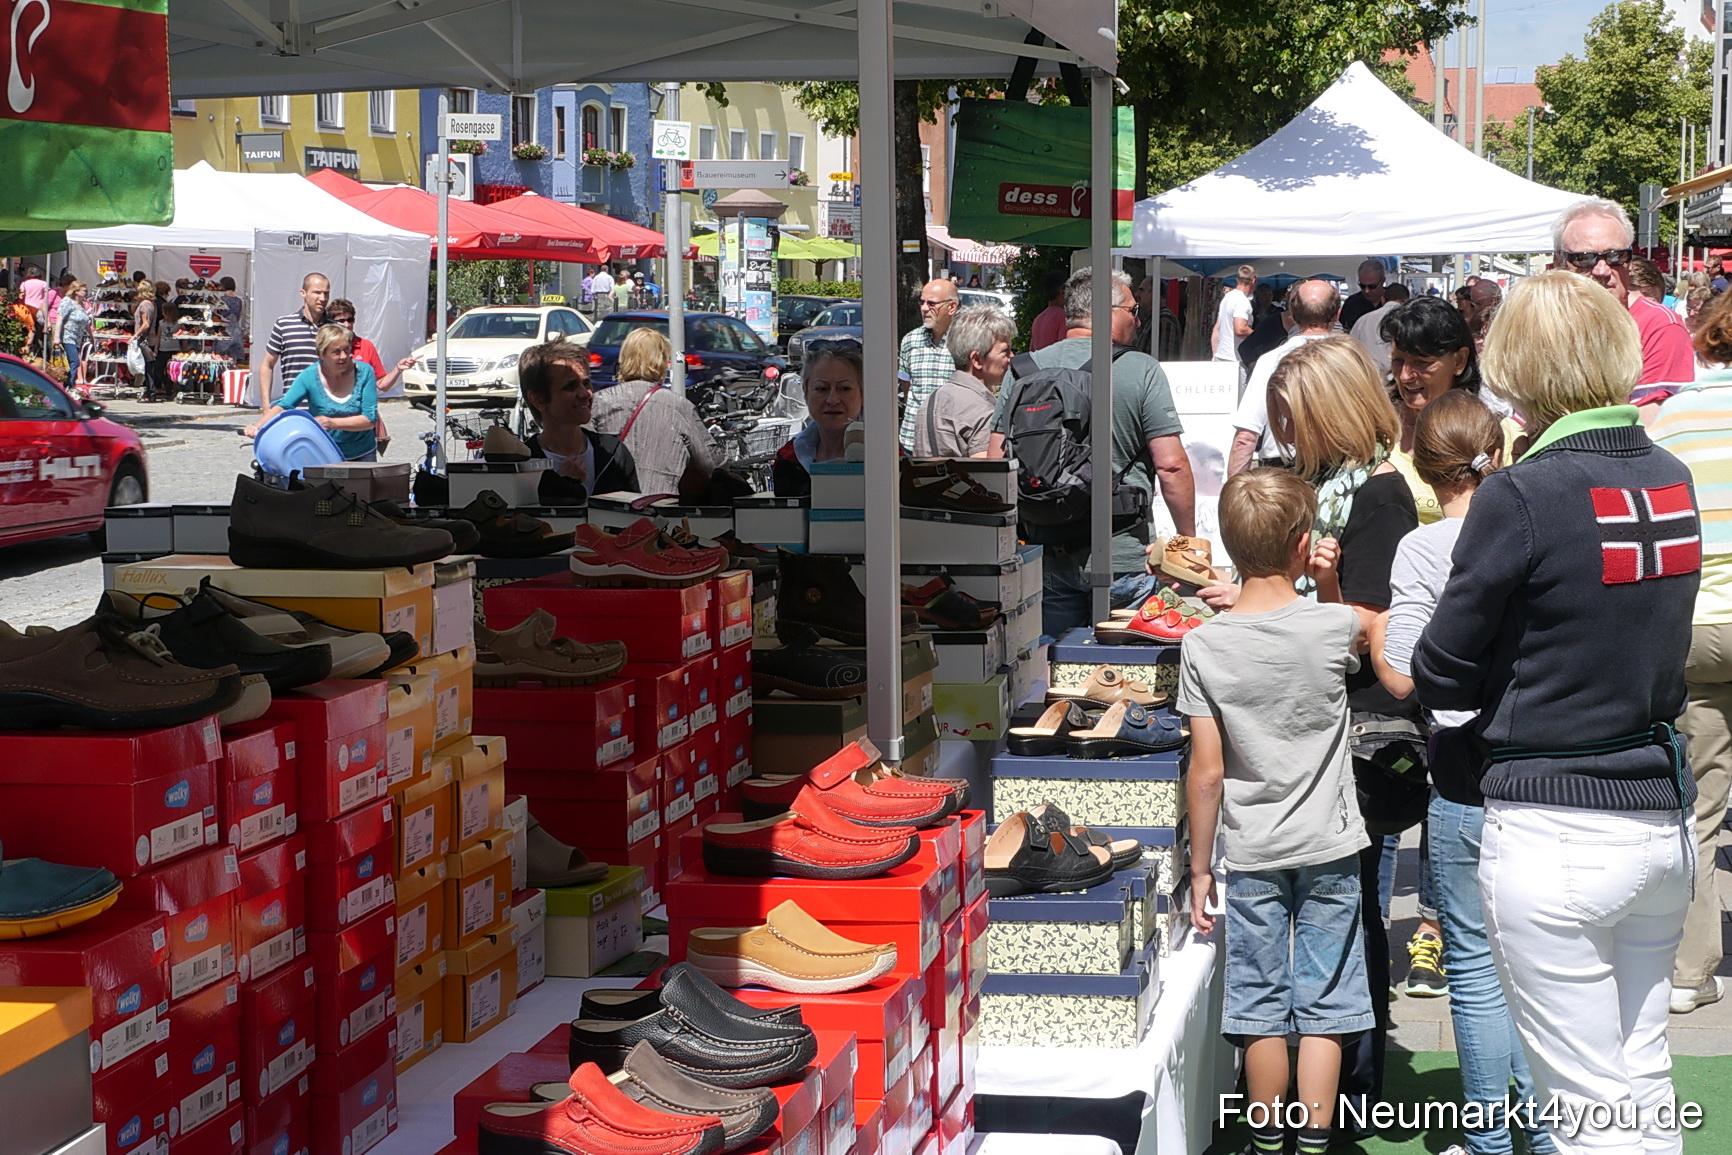 07.07.2018 Sommer-Schnäppchenmarkt